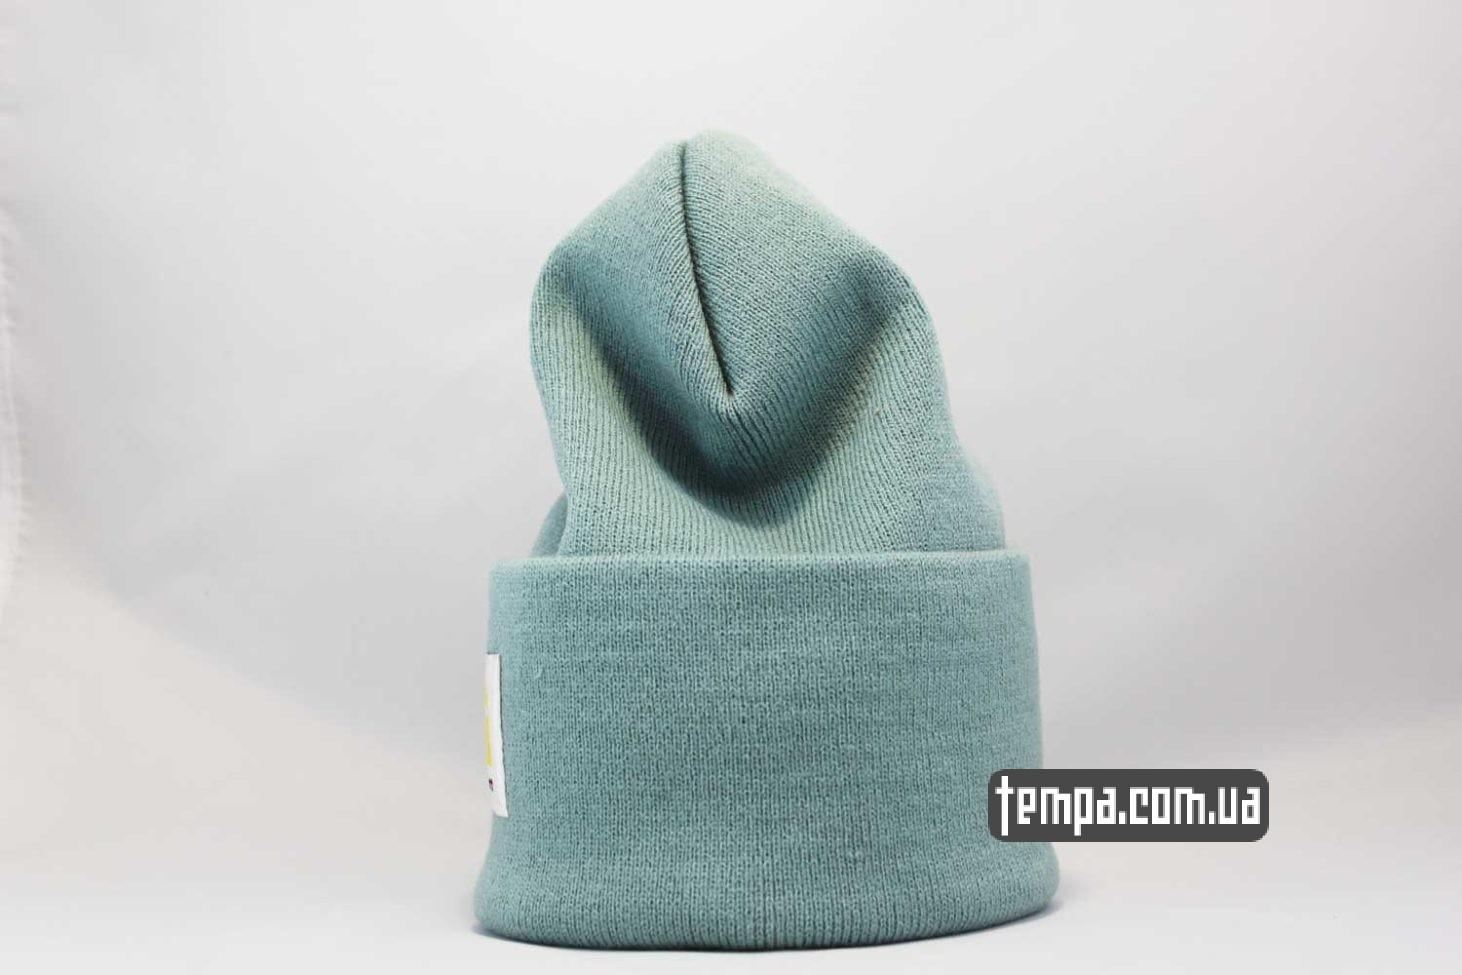 carhartt купить Украина шапка beanie Carhartt зеленая оригинал купить